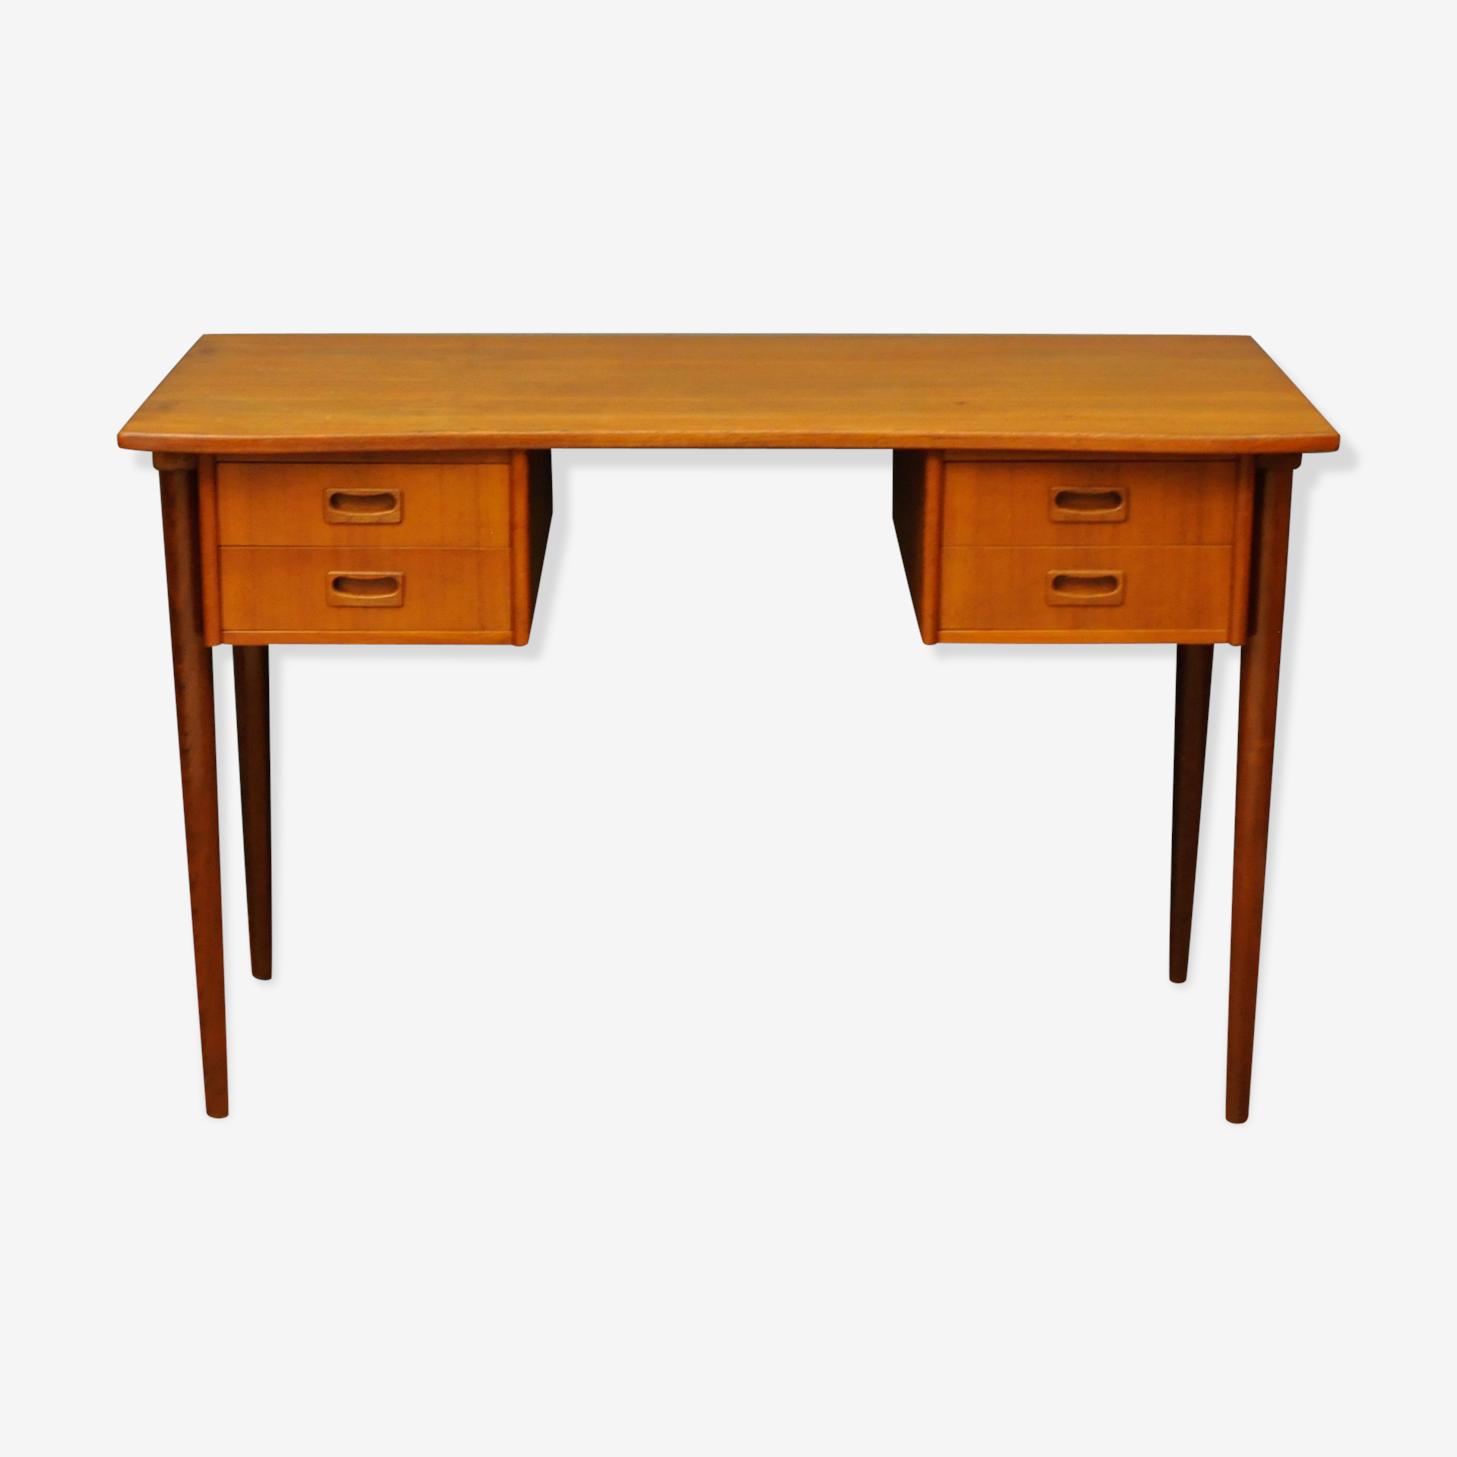 Bureau design danois